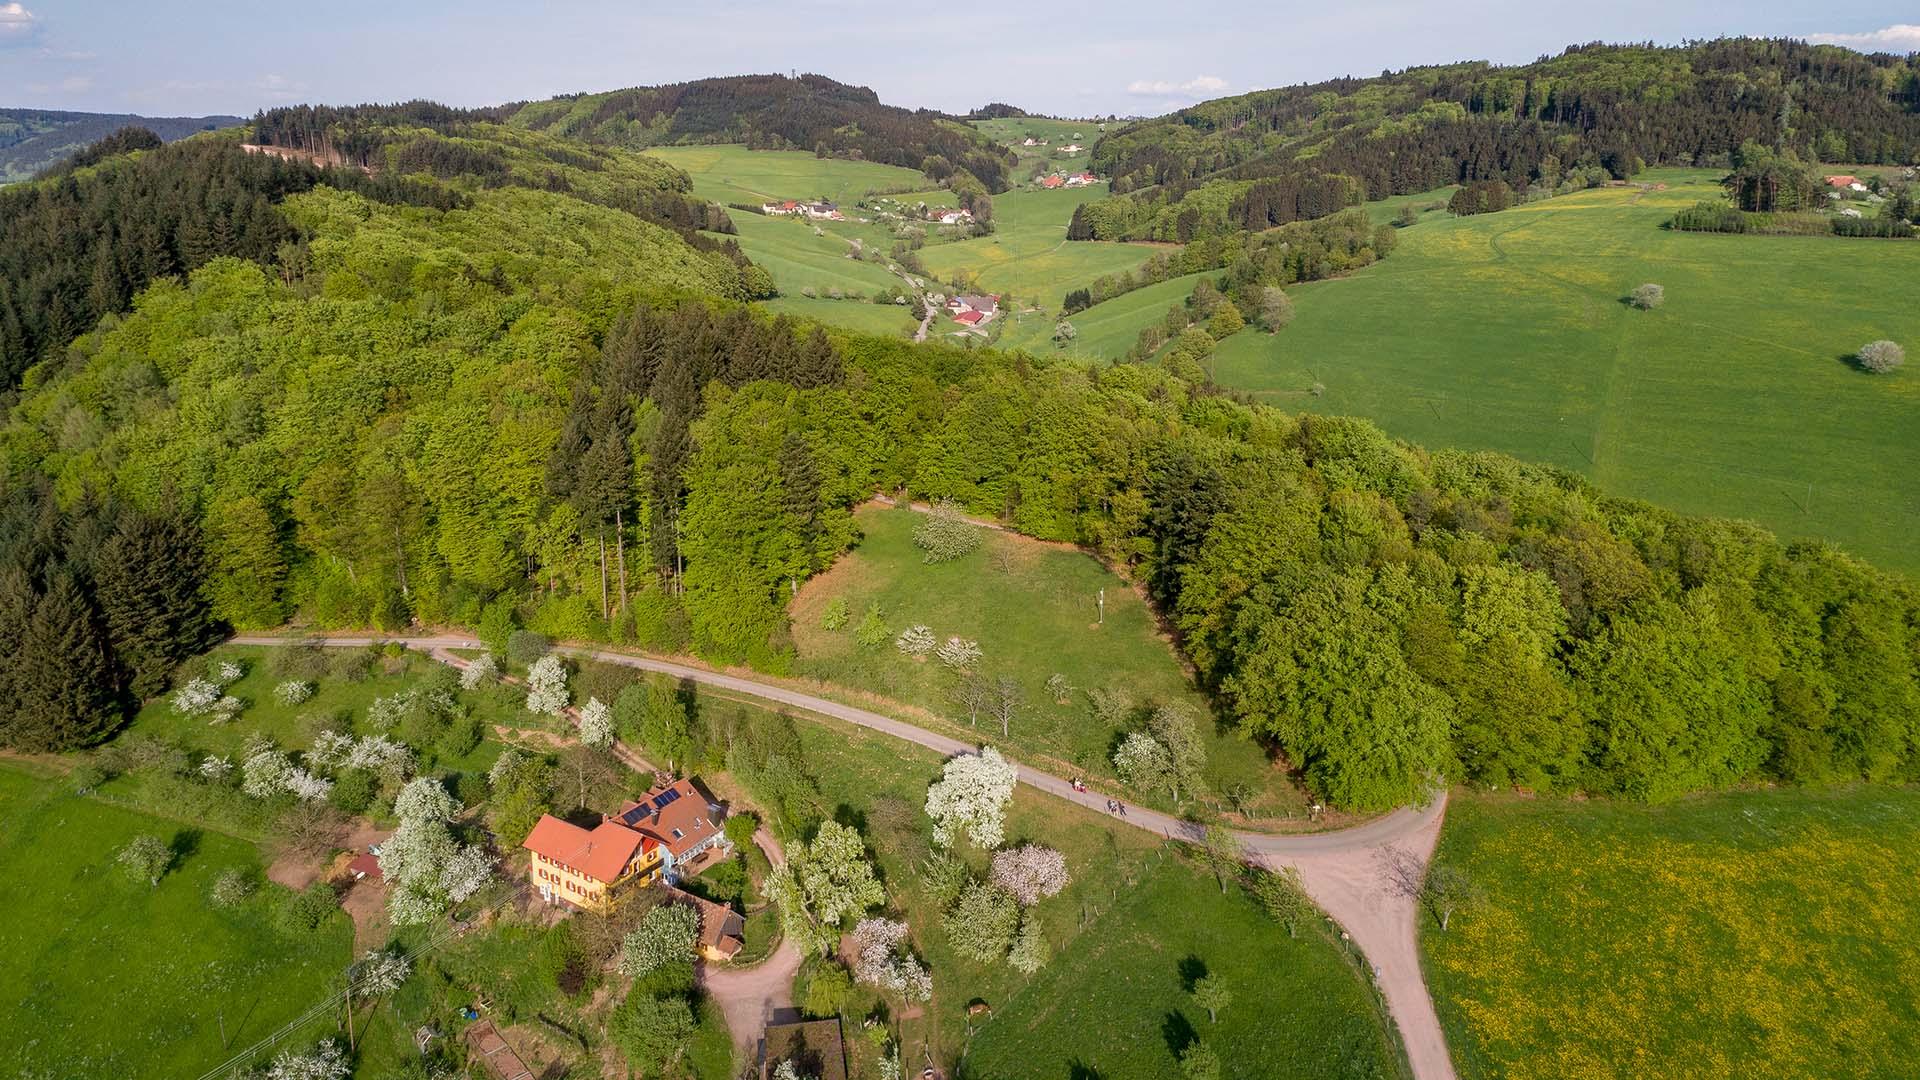 Ferienhaus am Schönwasen - Luftbild Anwesen